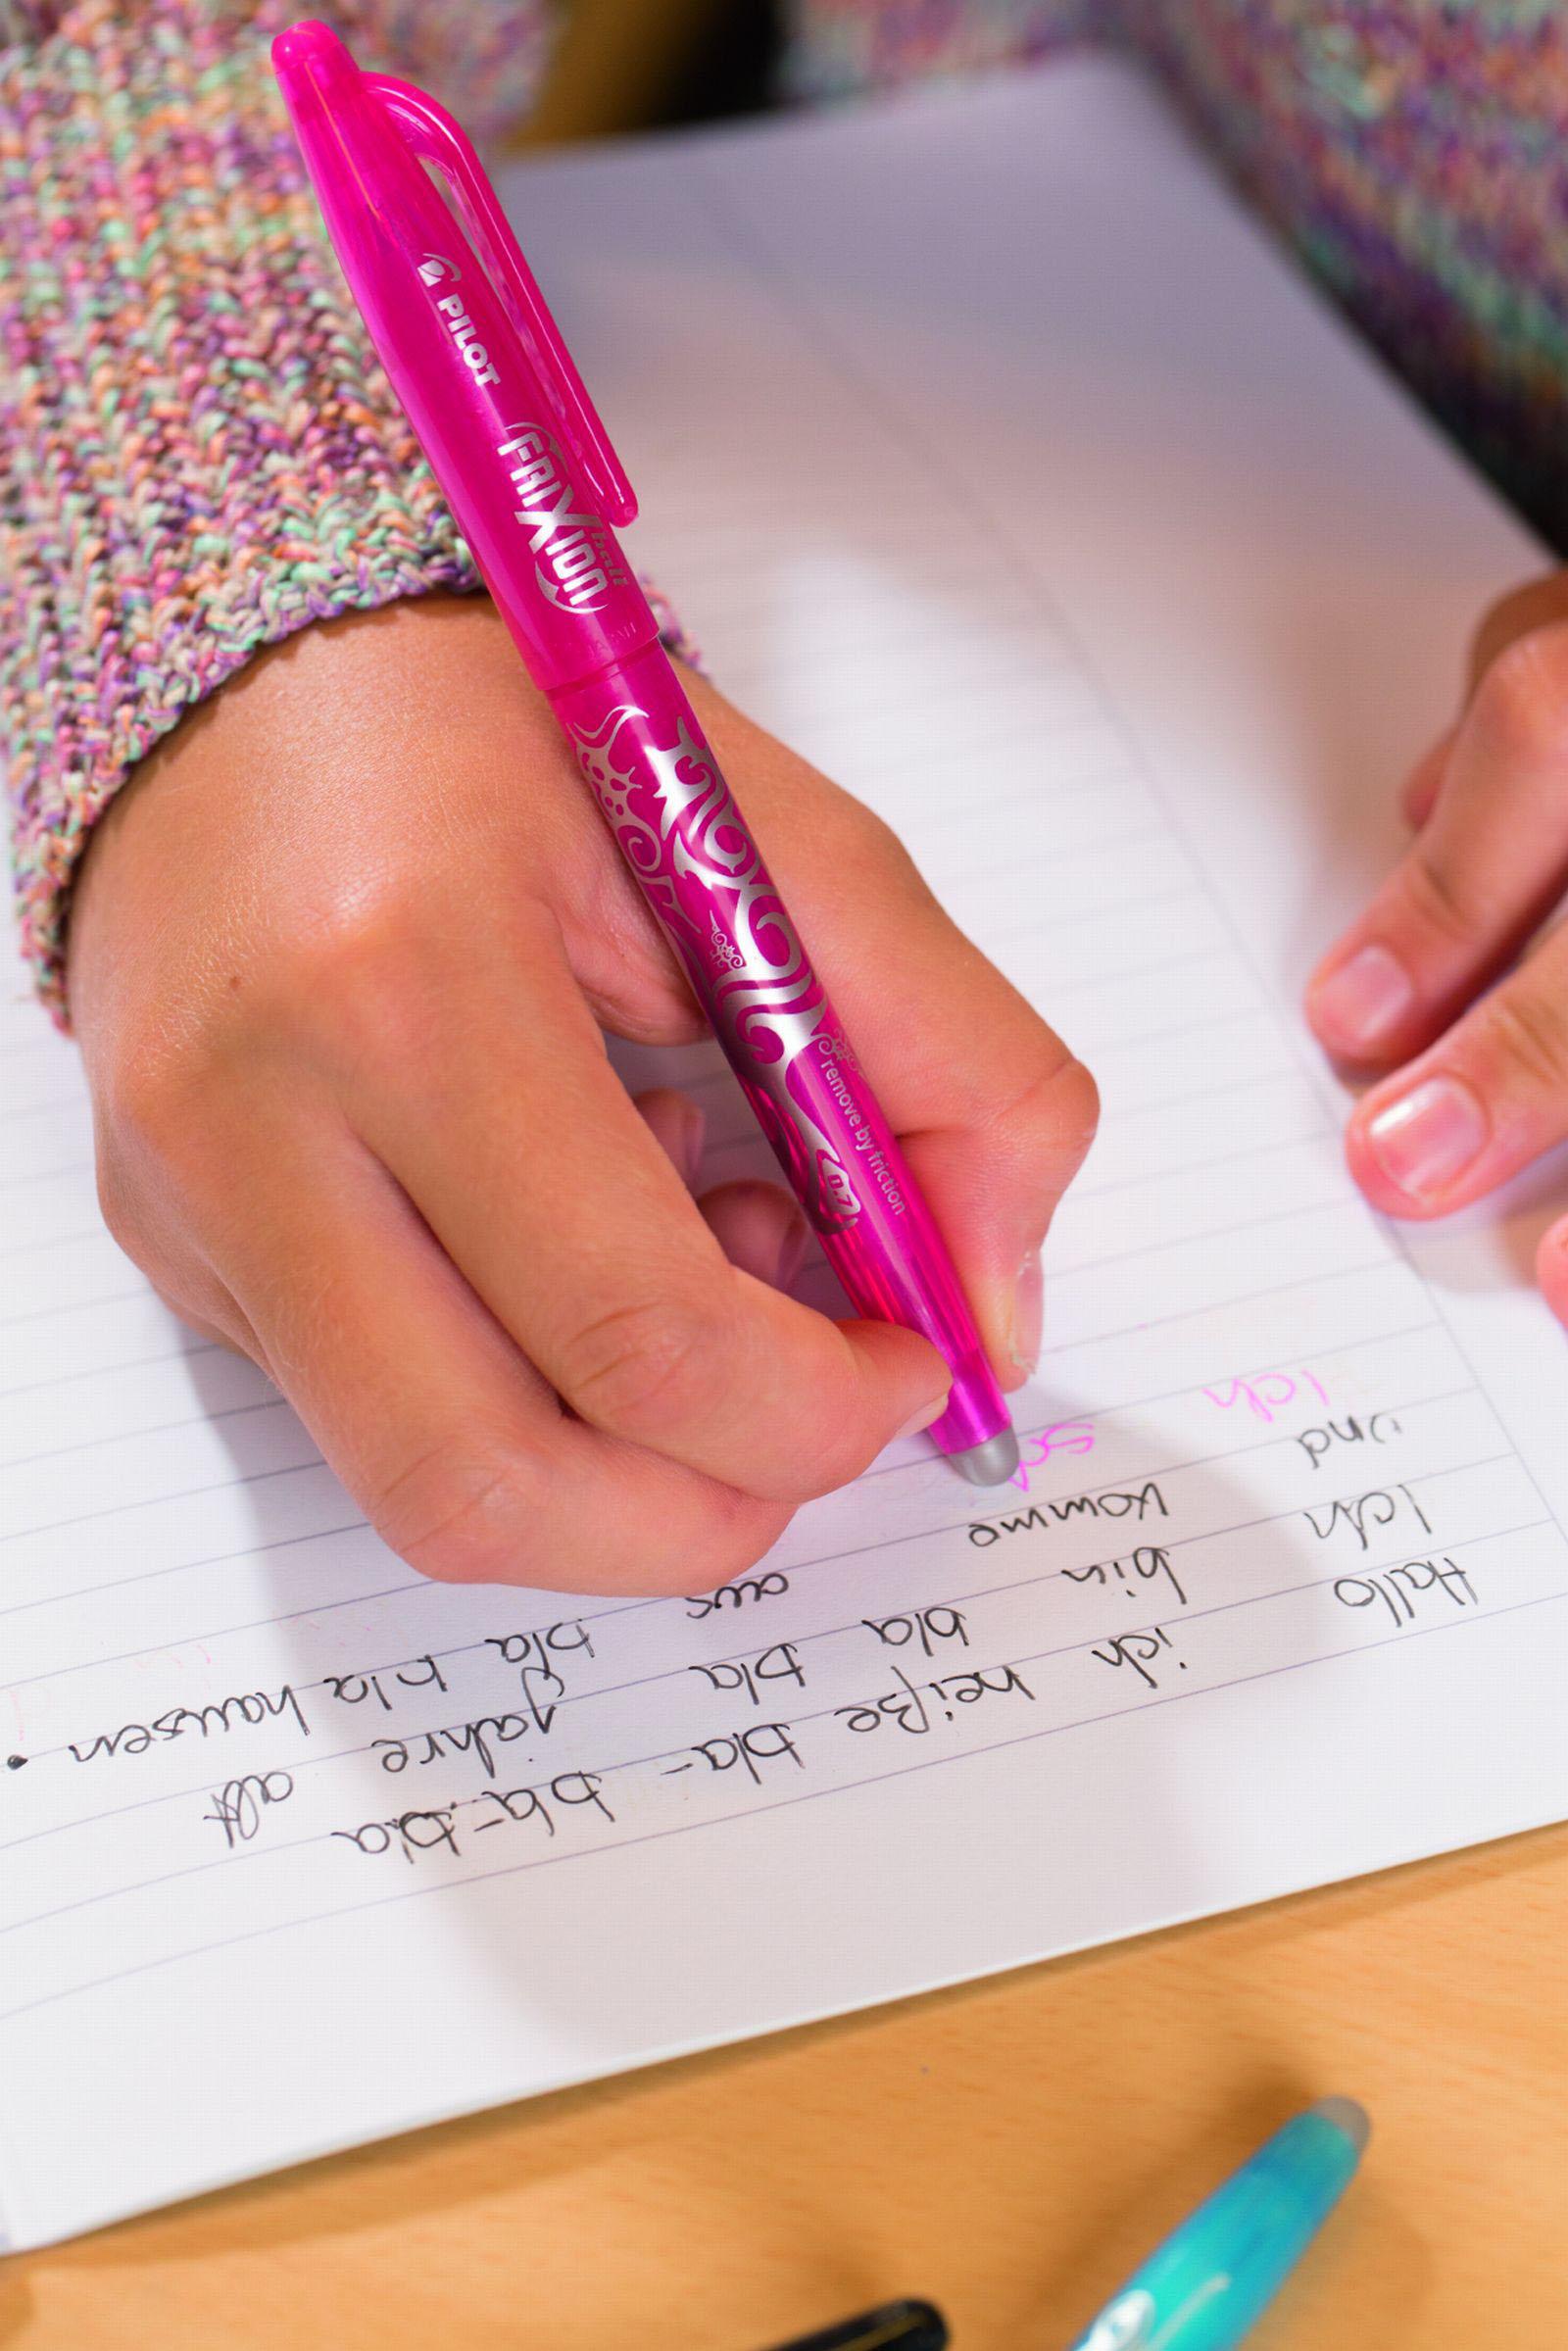 Mädchen übt Schreiben - Lernmotivation